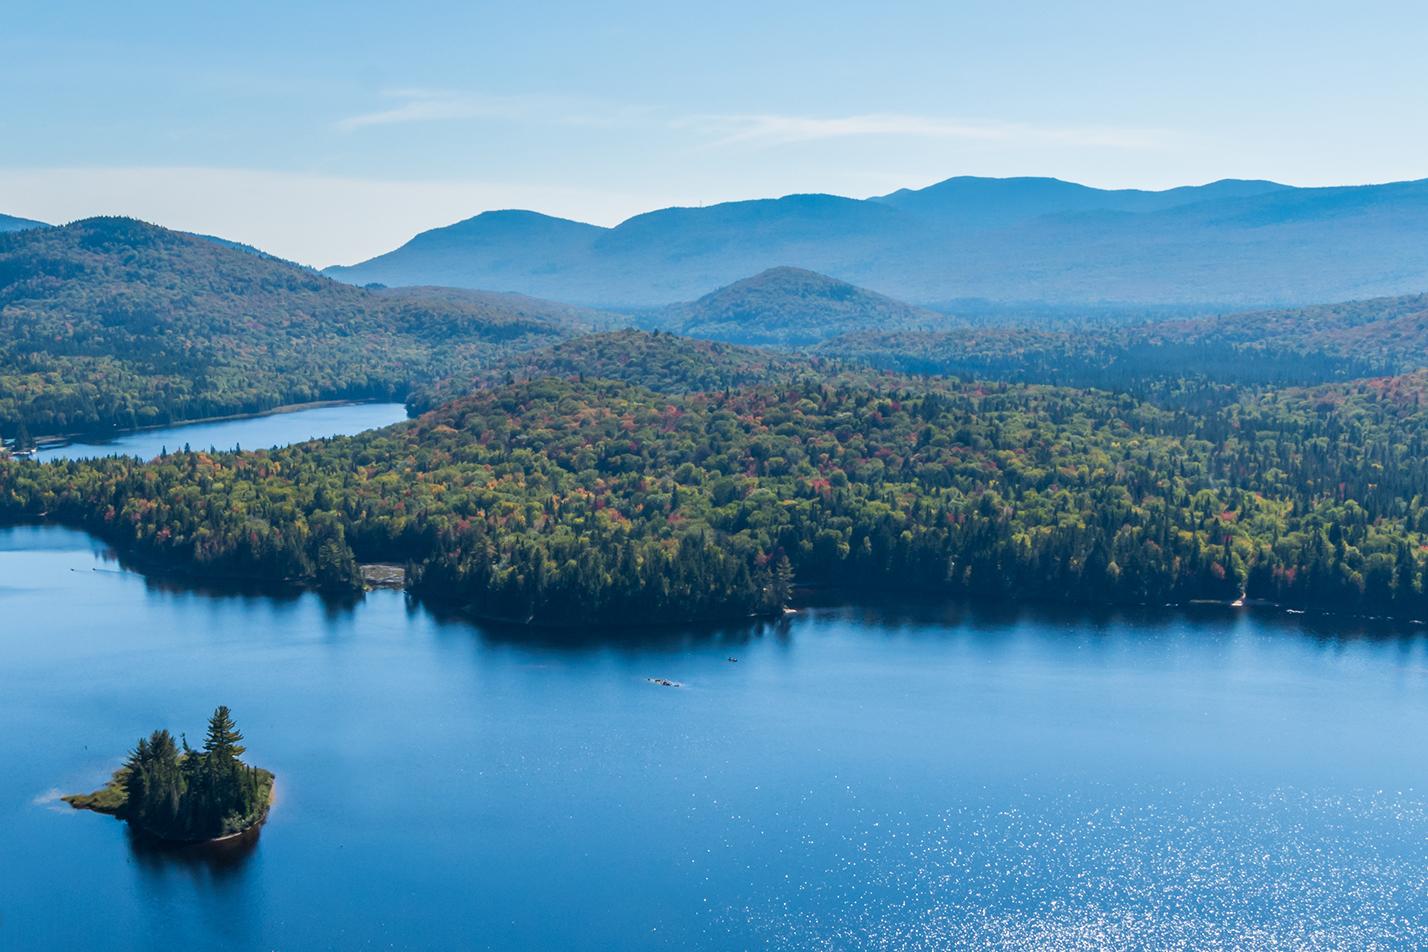 Vue aérienne d'un lac entouré de montagnes au Québec lors d'une journée d'automne.